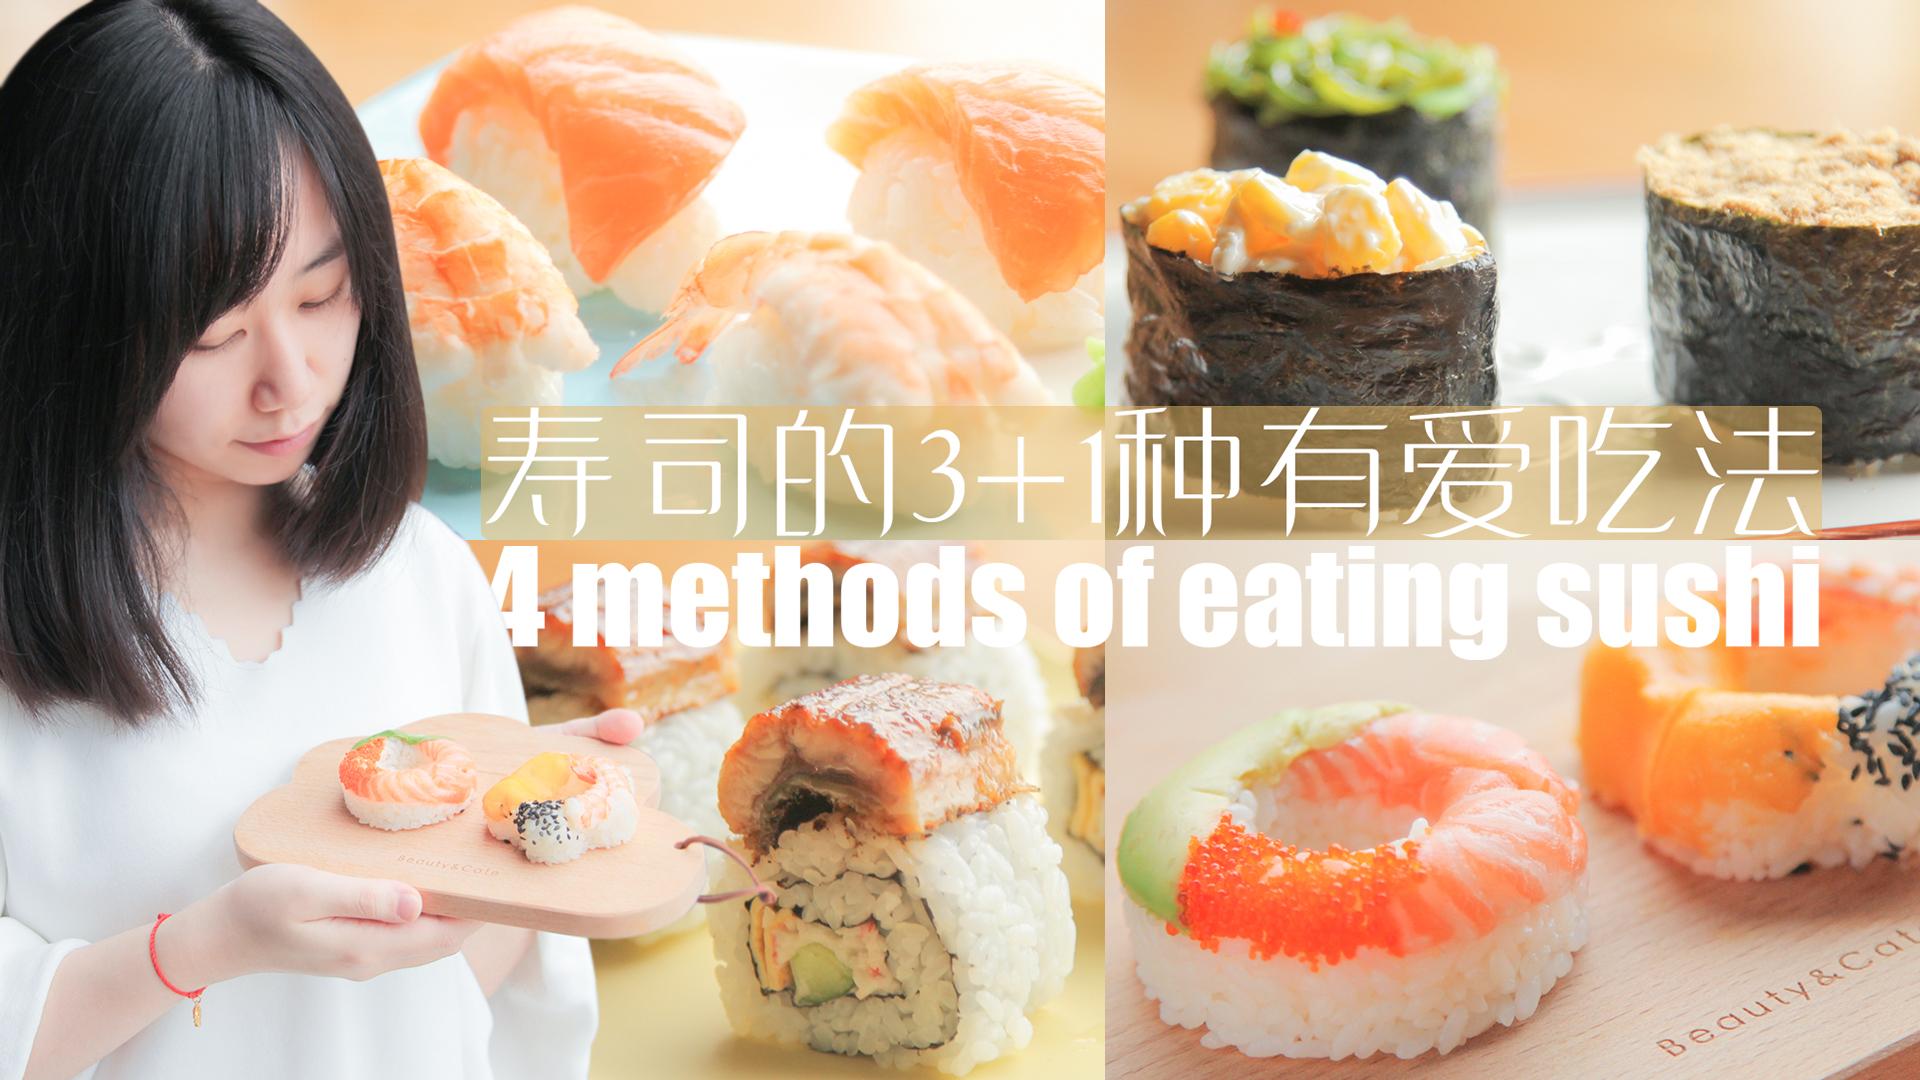 「厨娘物语」寿司的3+1种有爱吃法